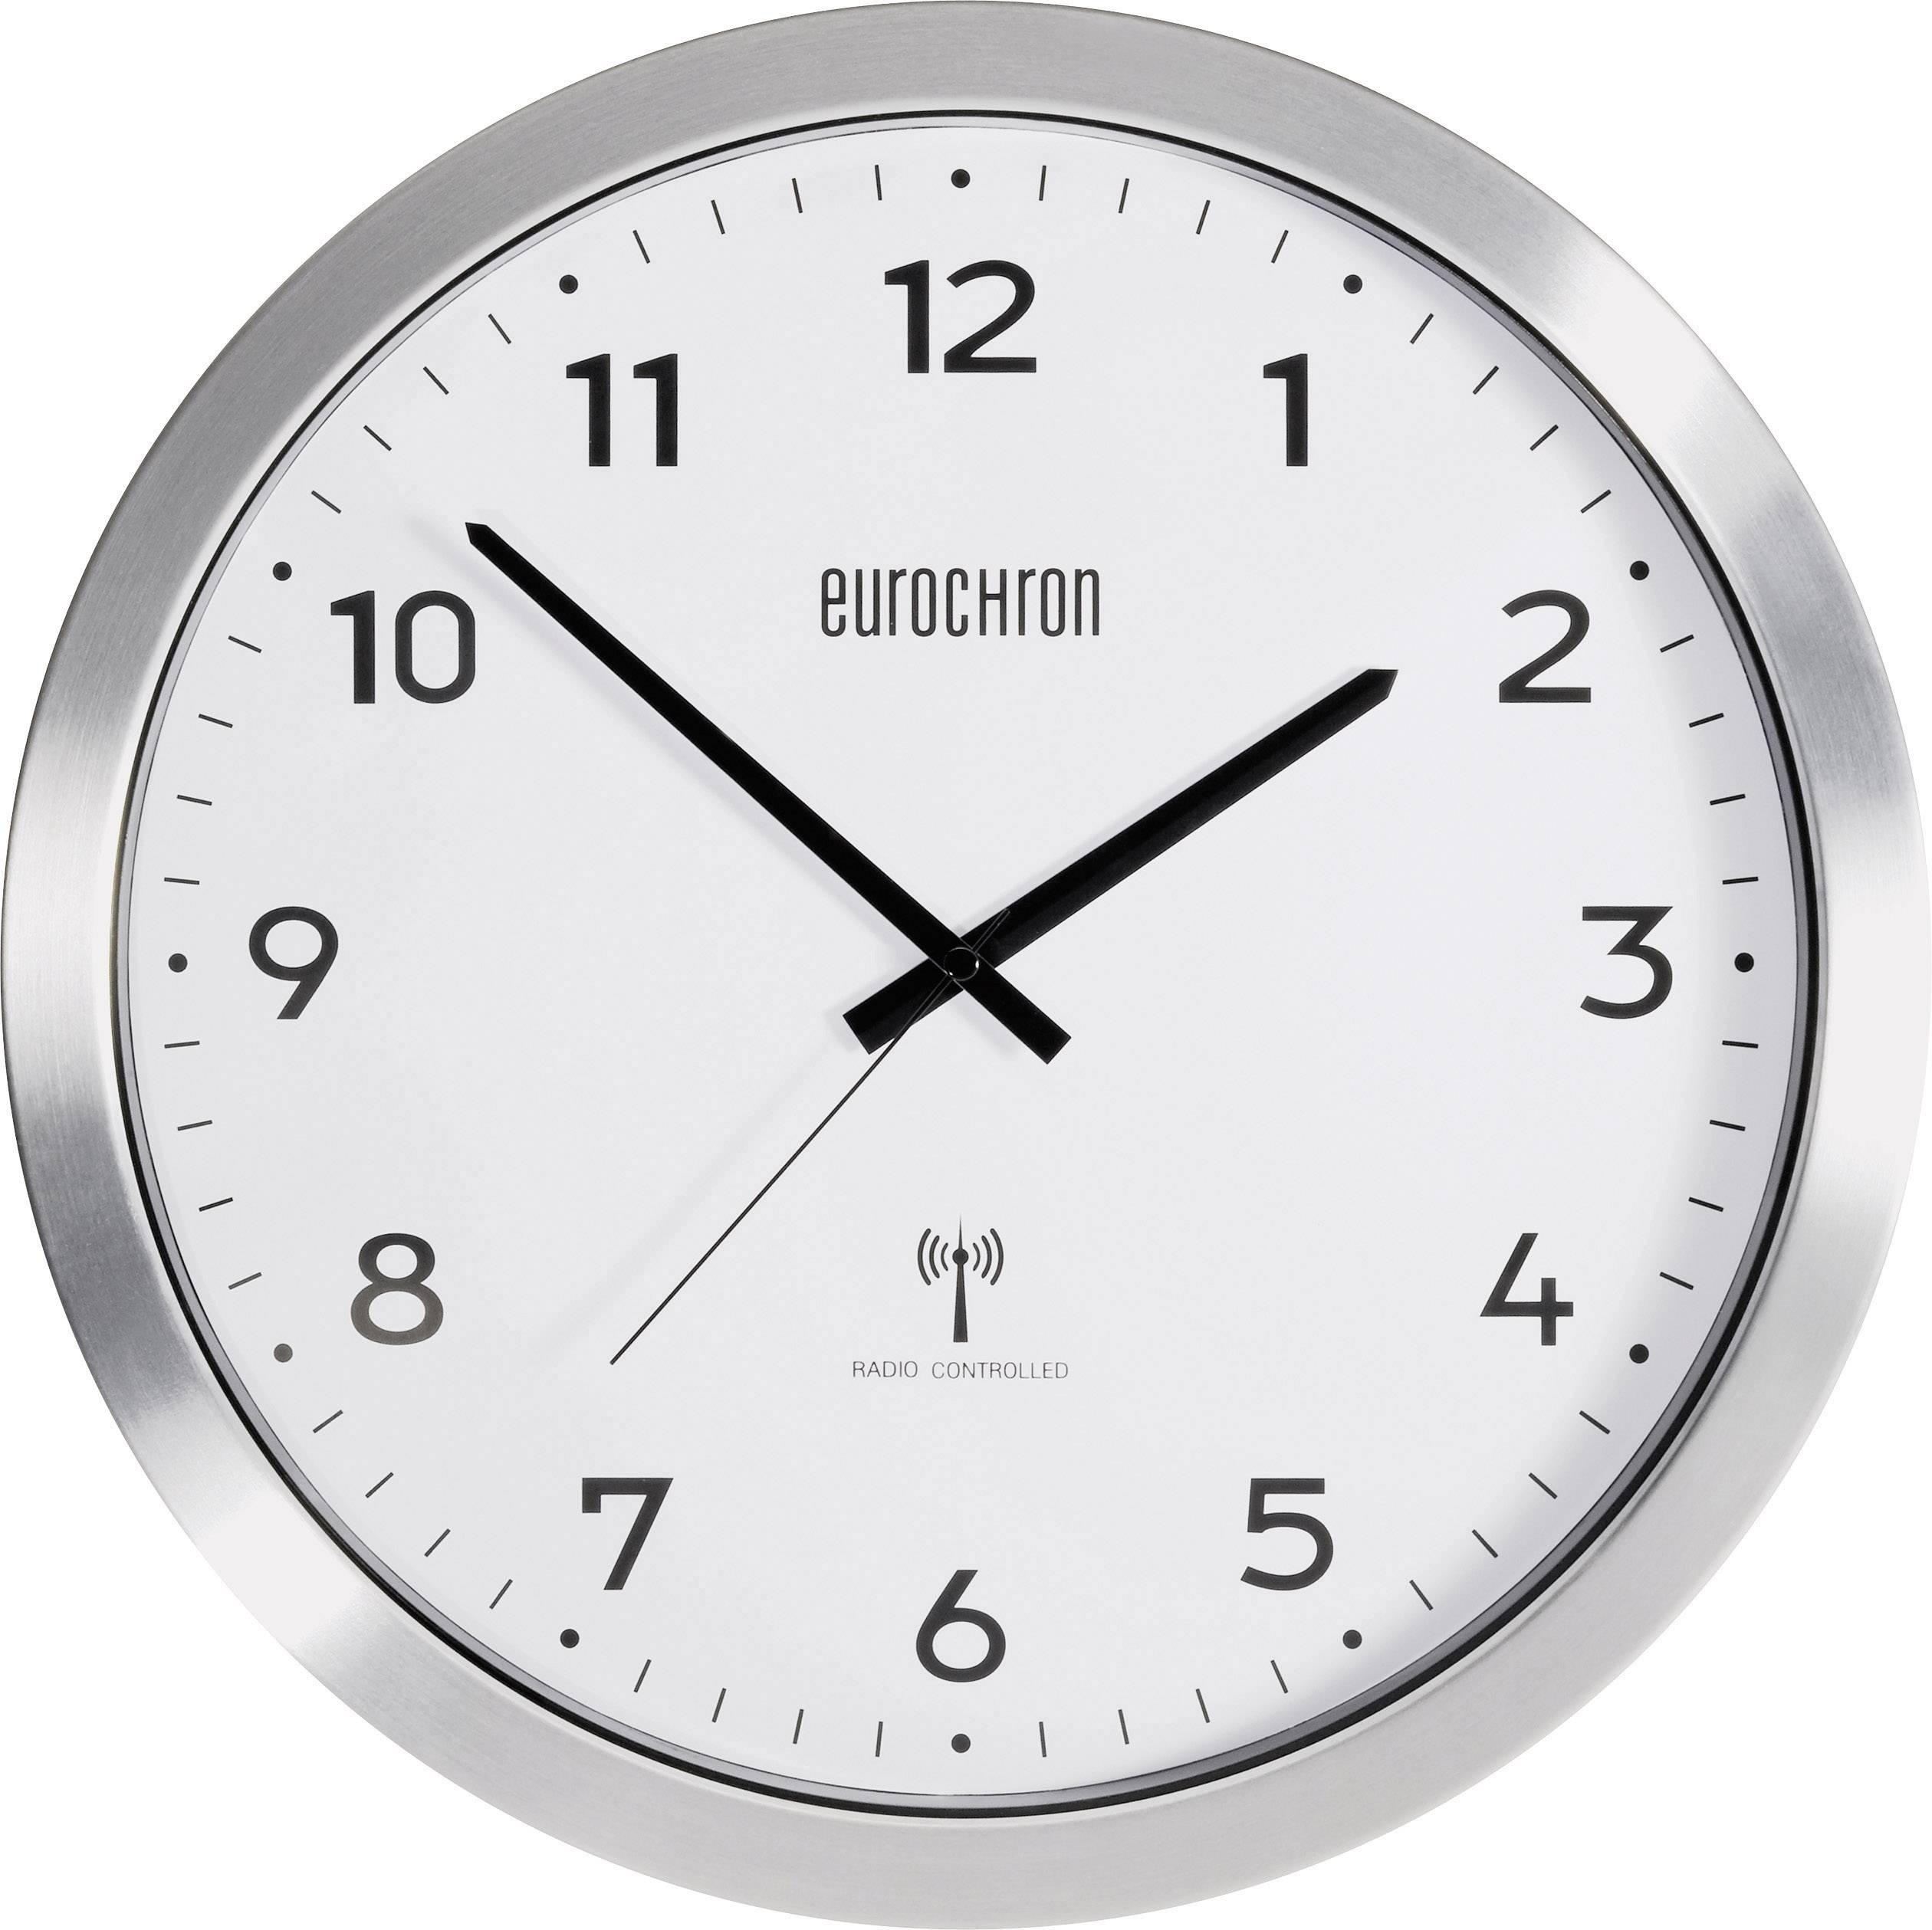 Hliníkové nástenné DCF hodiny Eurochron EFWU 2600, Ø 38 cm